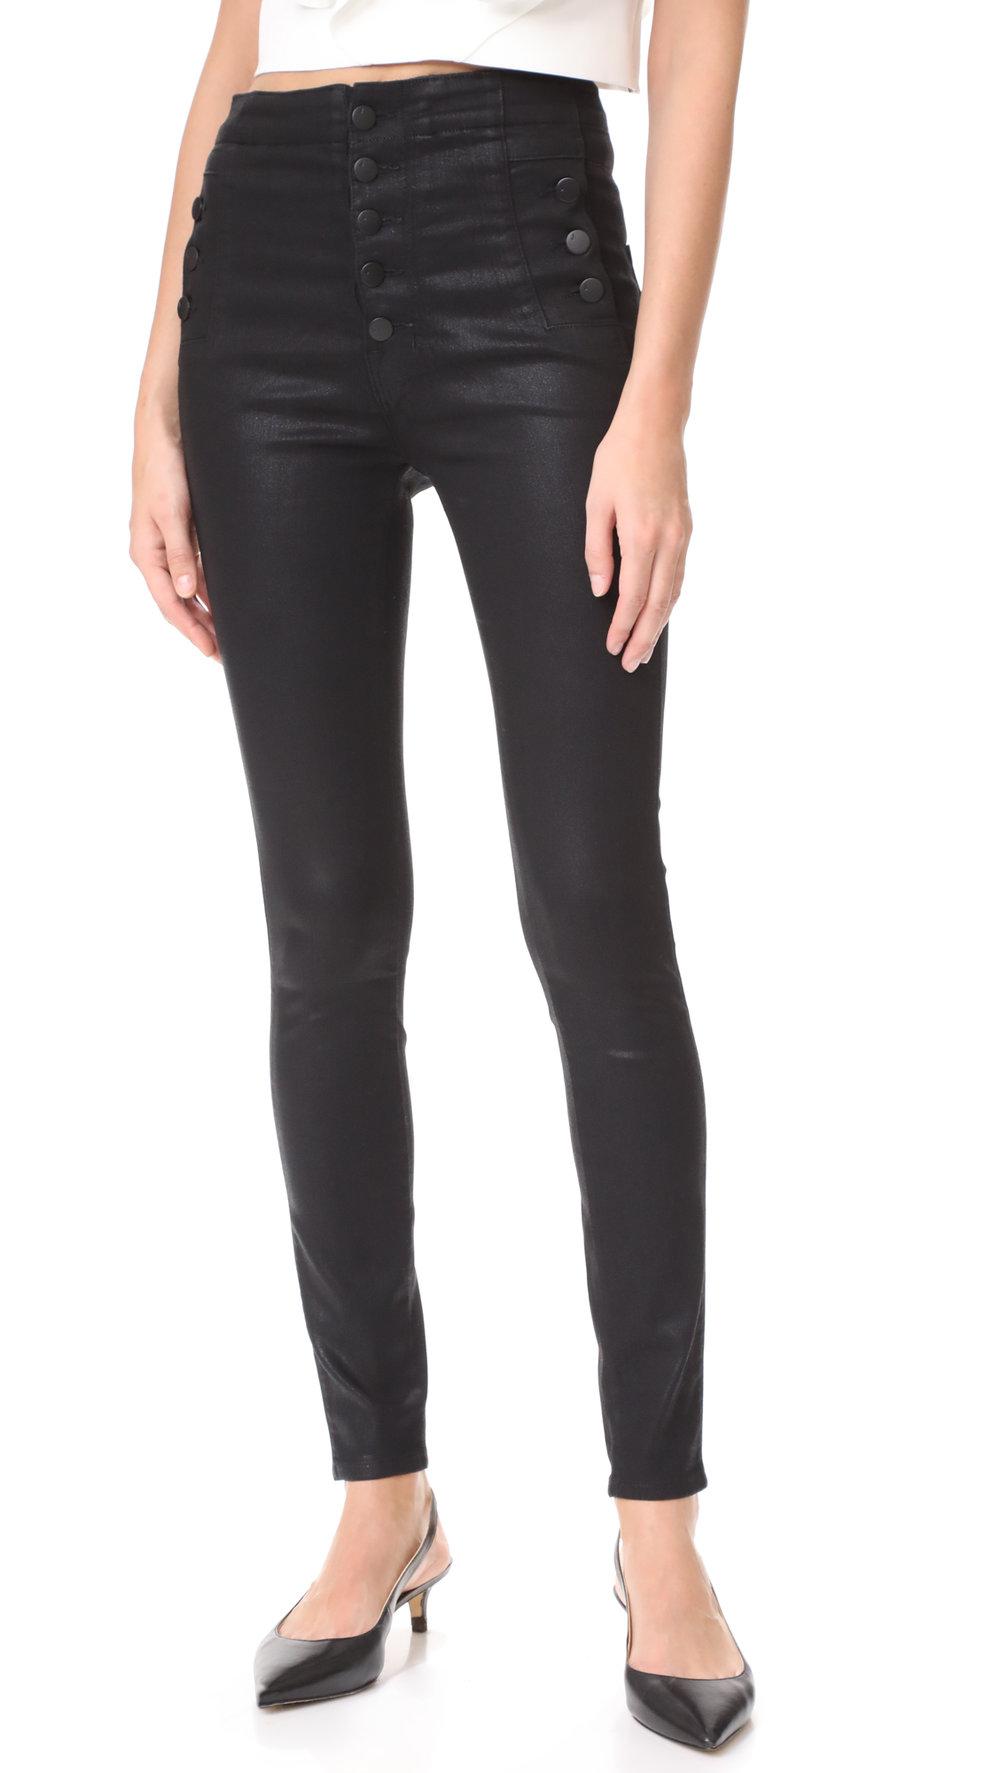 Jbrand Natasha Jeans